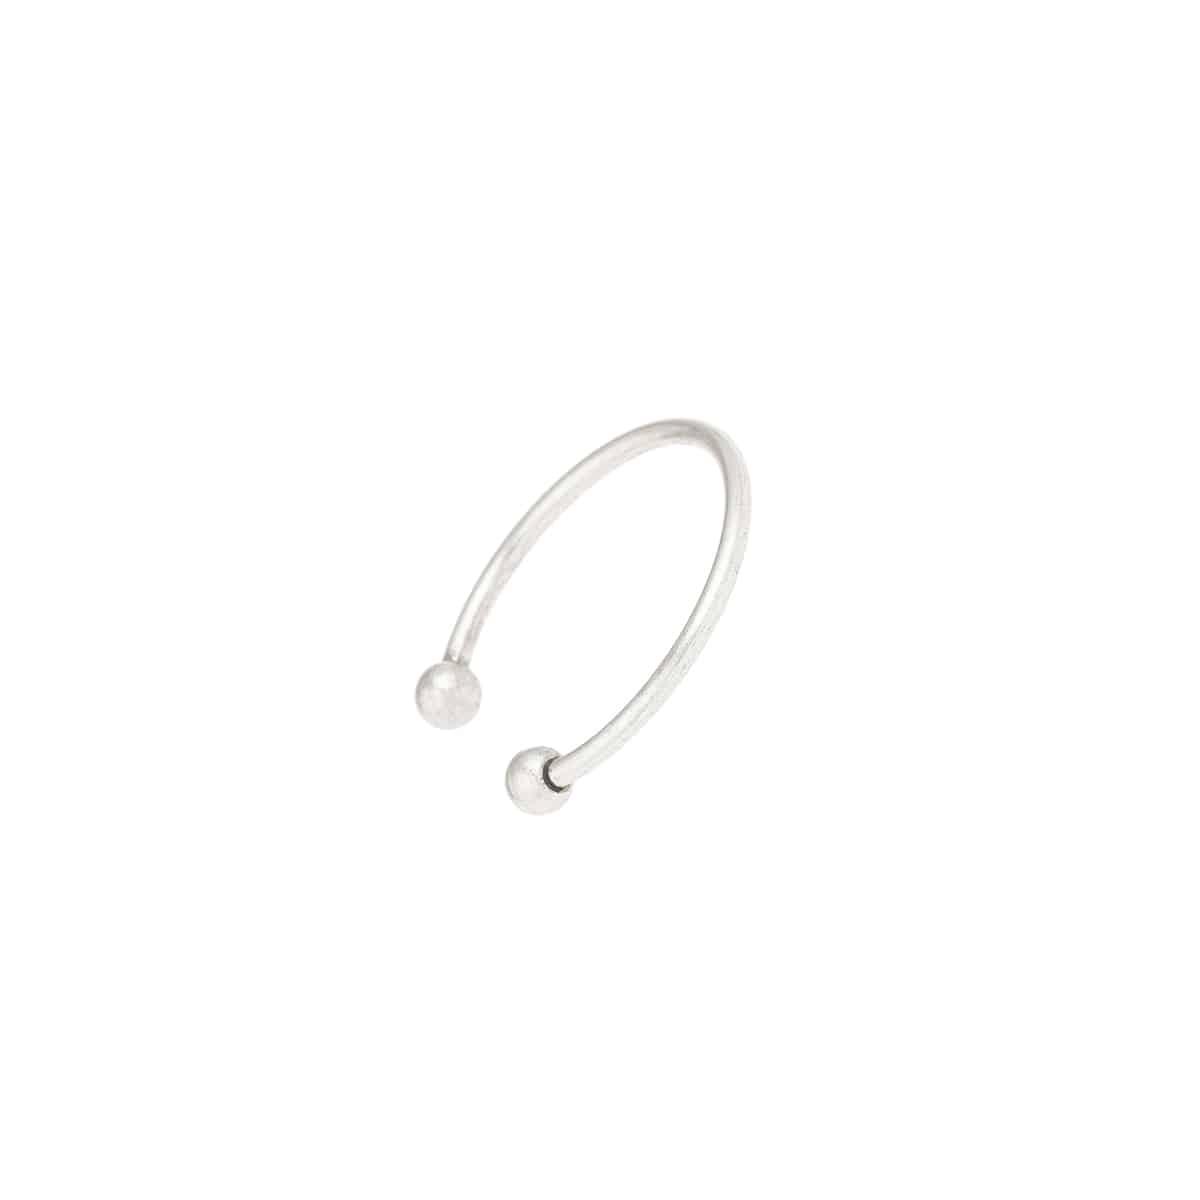 anillo plateado perles hecho a mano joyas paris mujer coralie de seynes